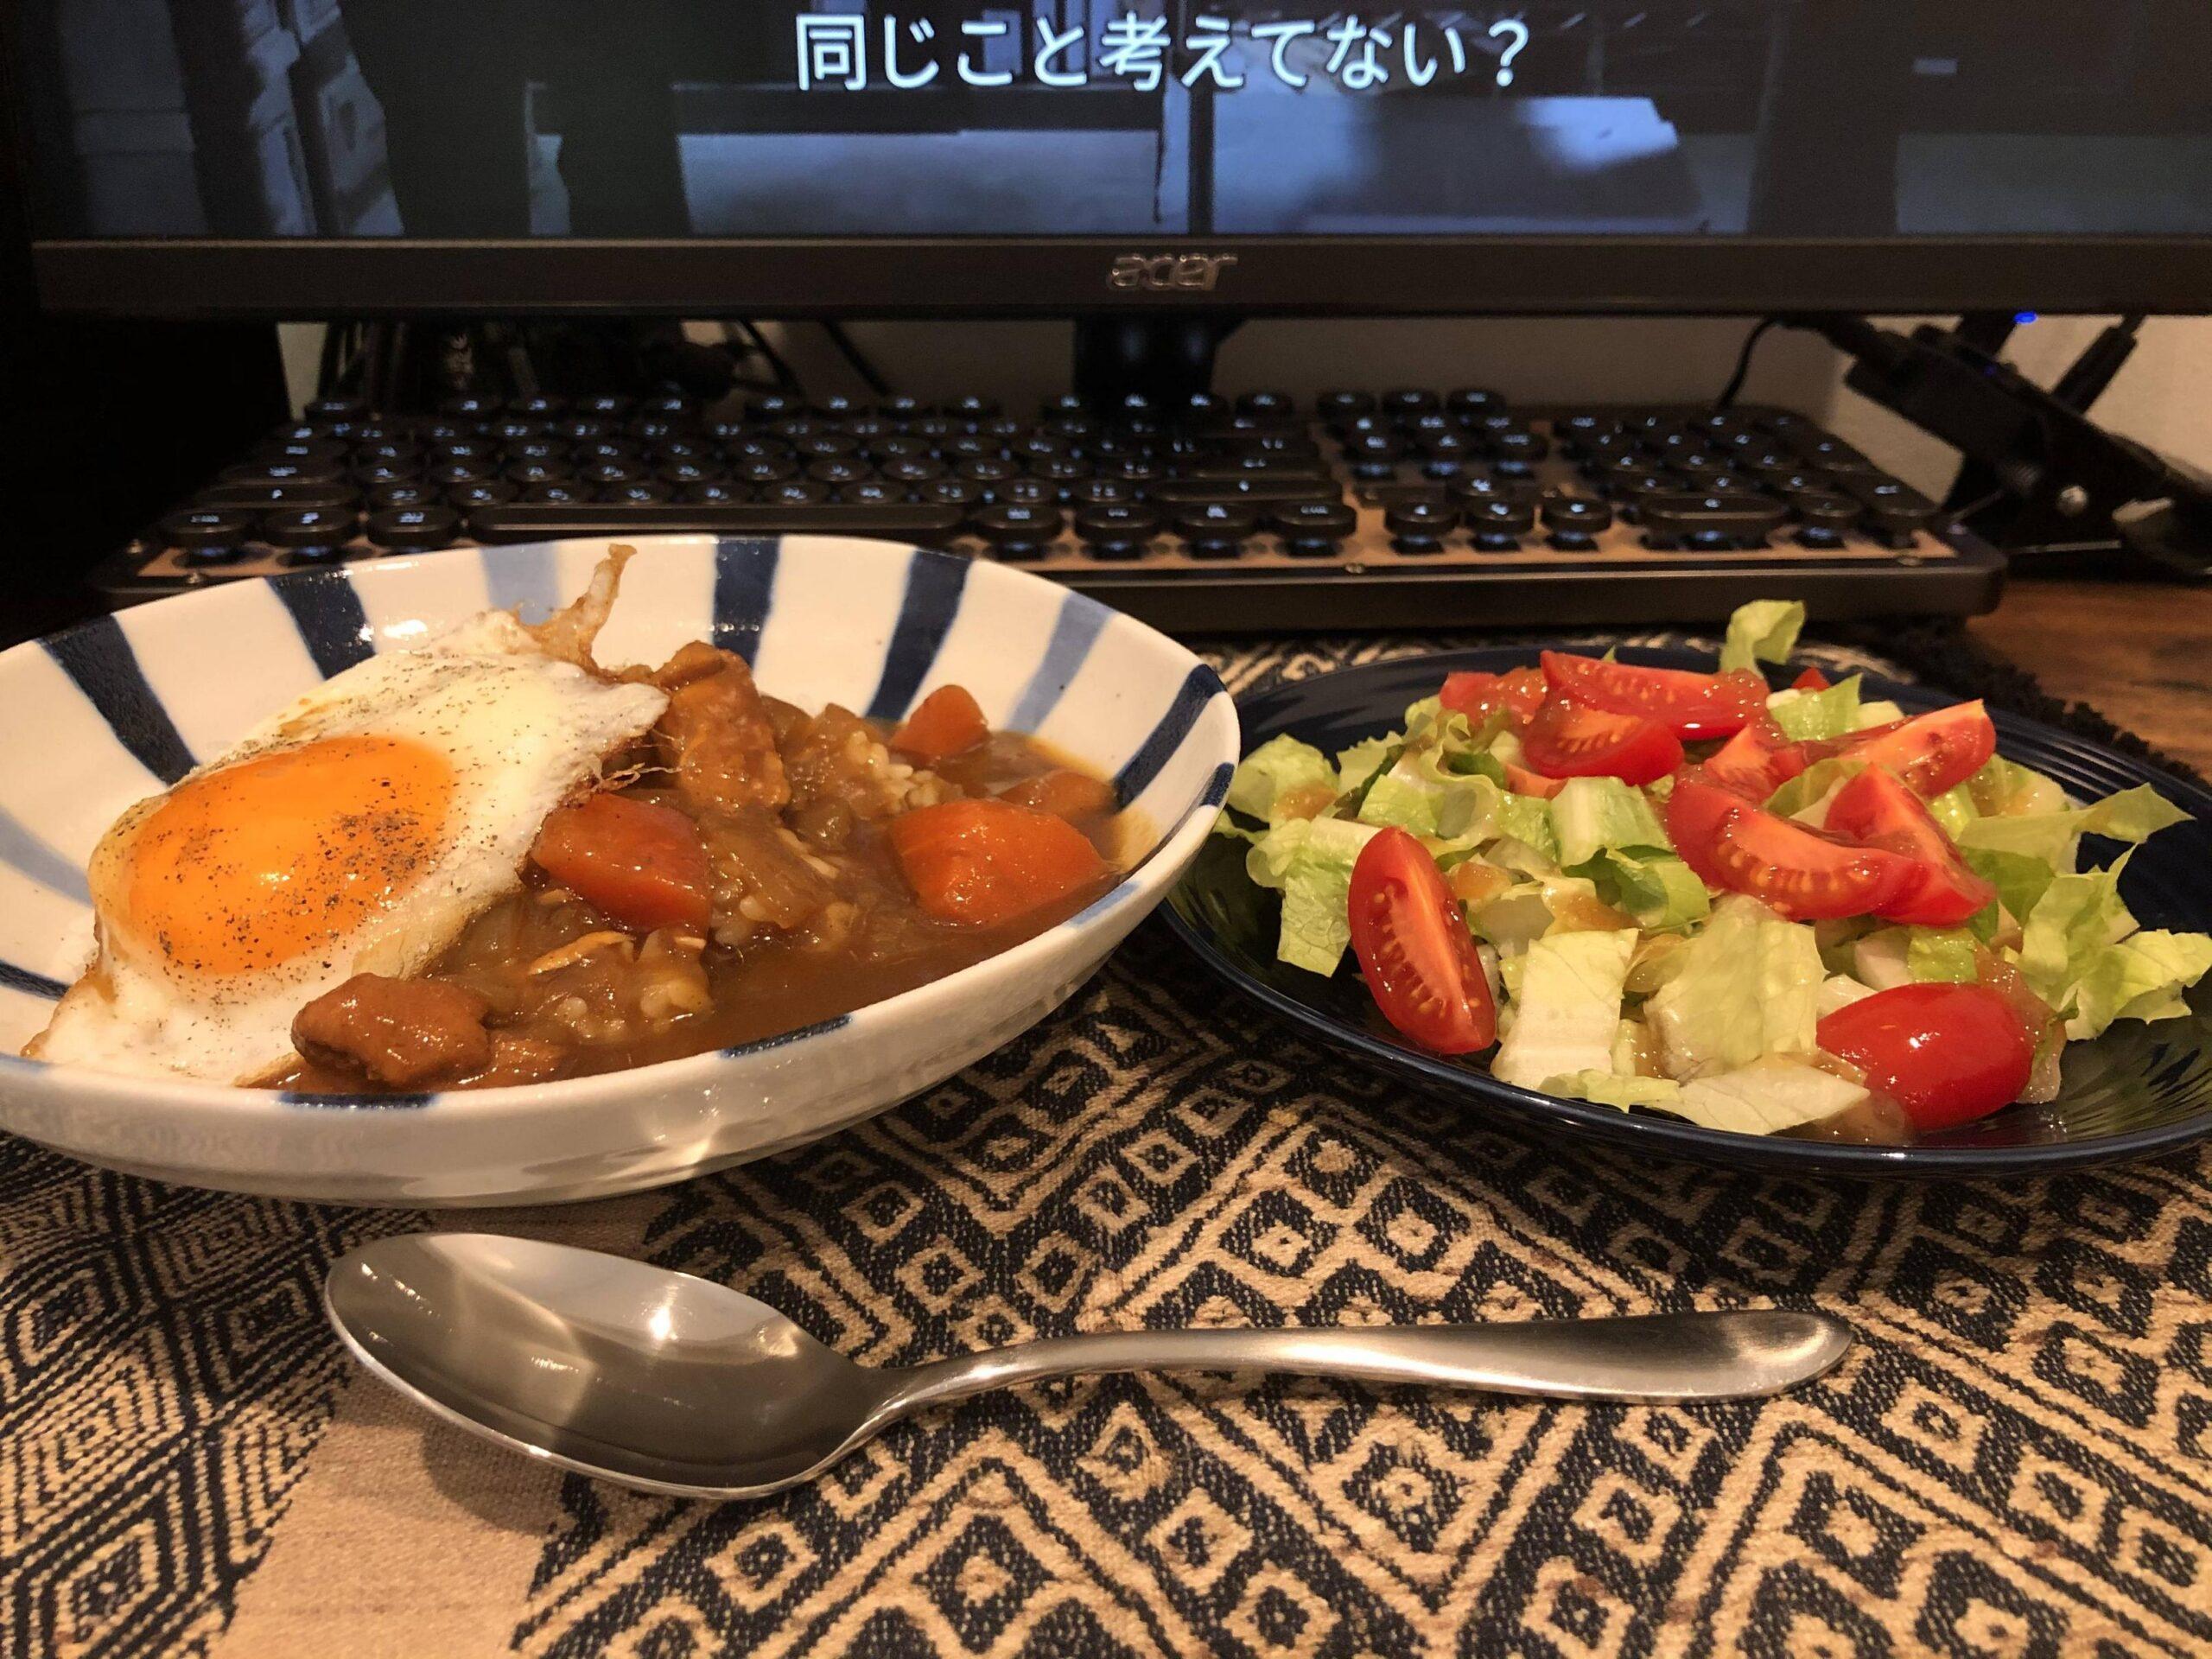 【画像】ワイのお昼ごはん手作りカレー